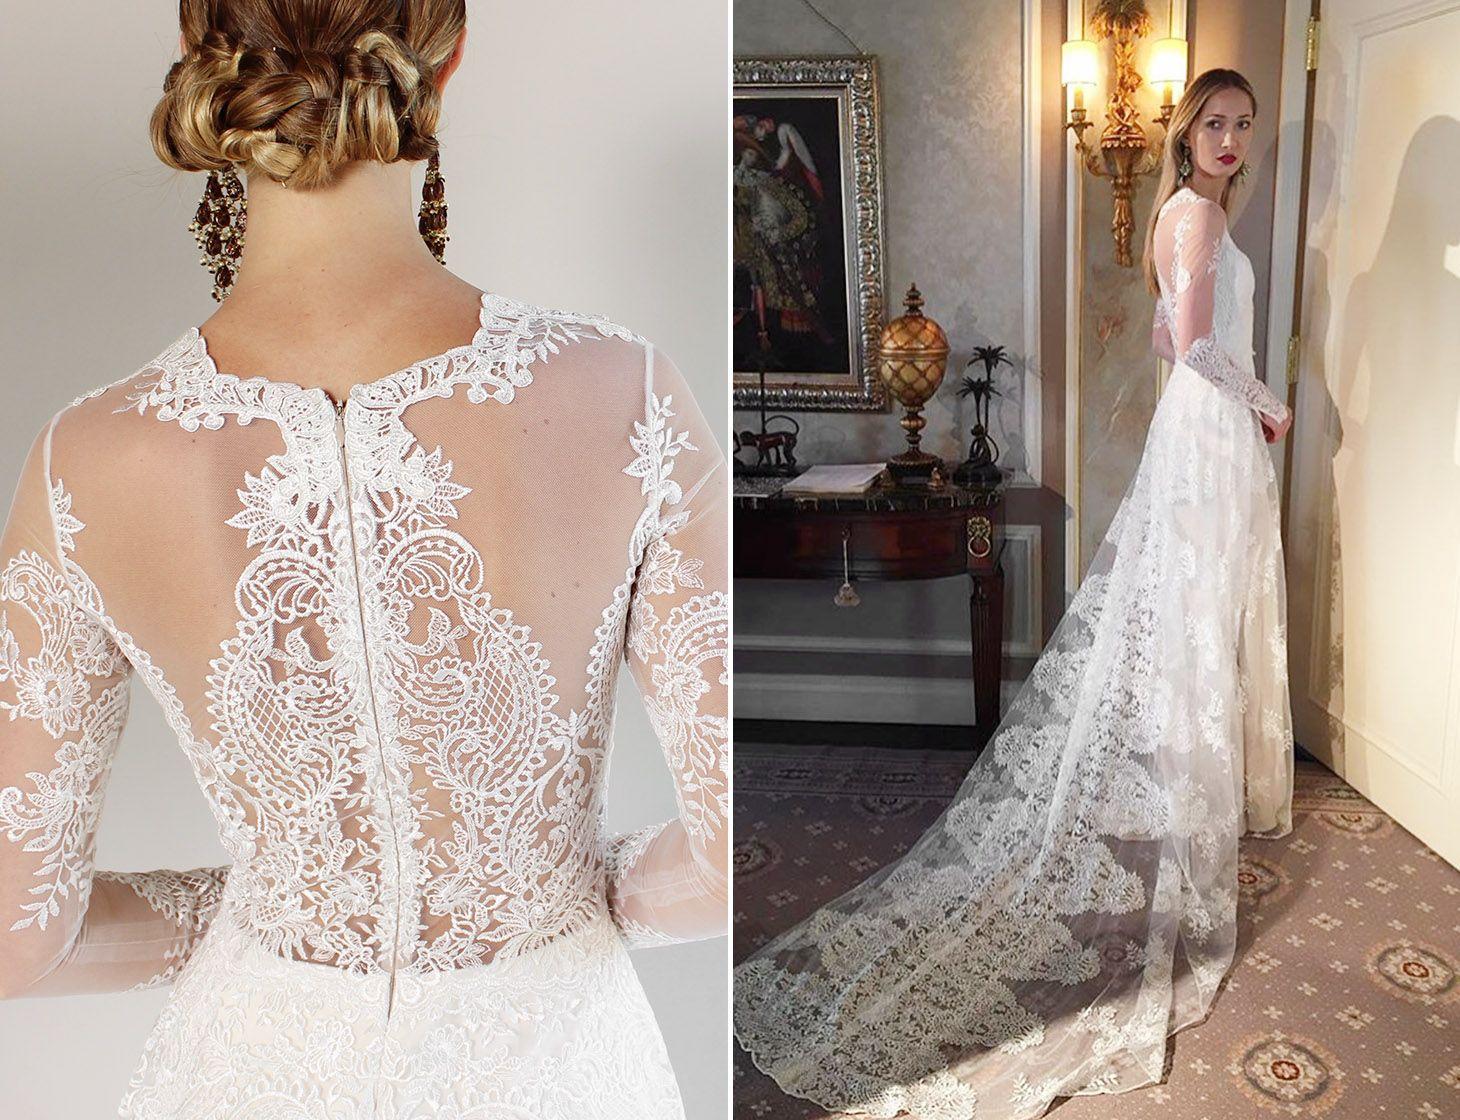 Romantique by Claire Pettibone Pasadena Lace Wedding Dress | Haute ...